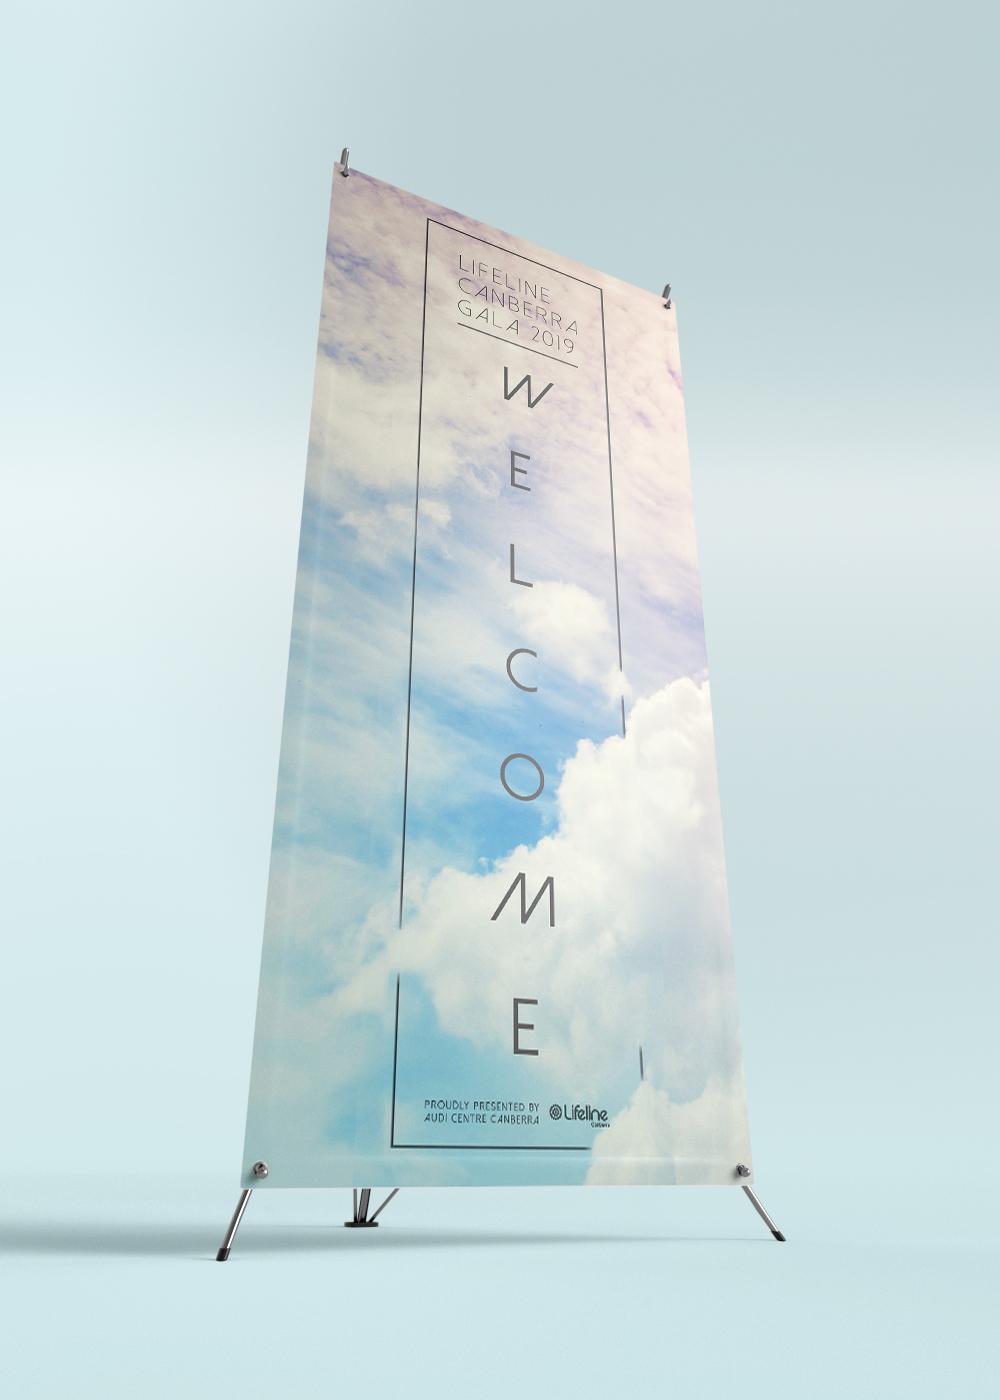 Lifeline-2019-Gala-signage-mock-up-2